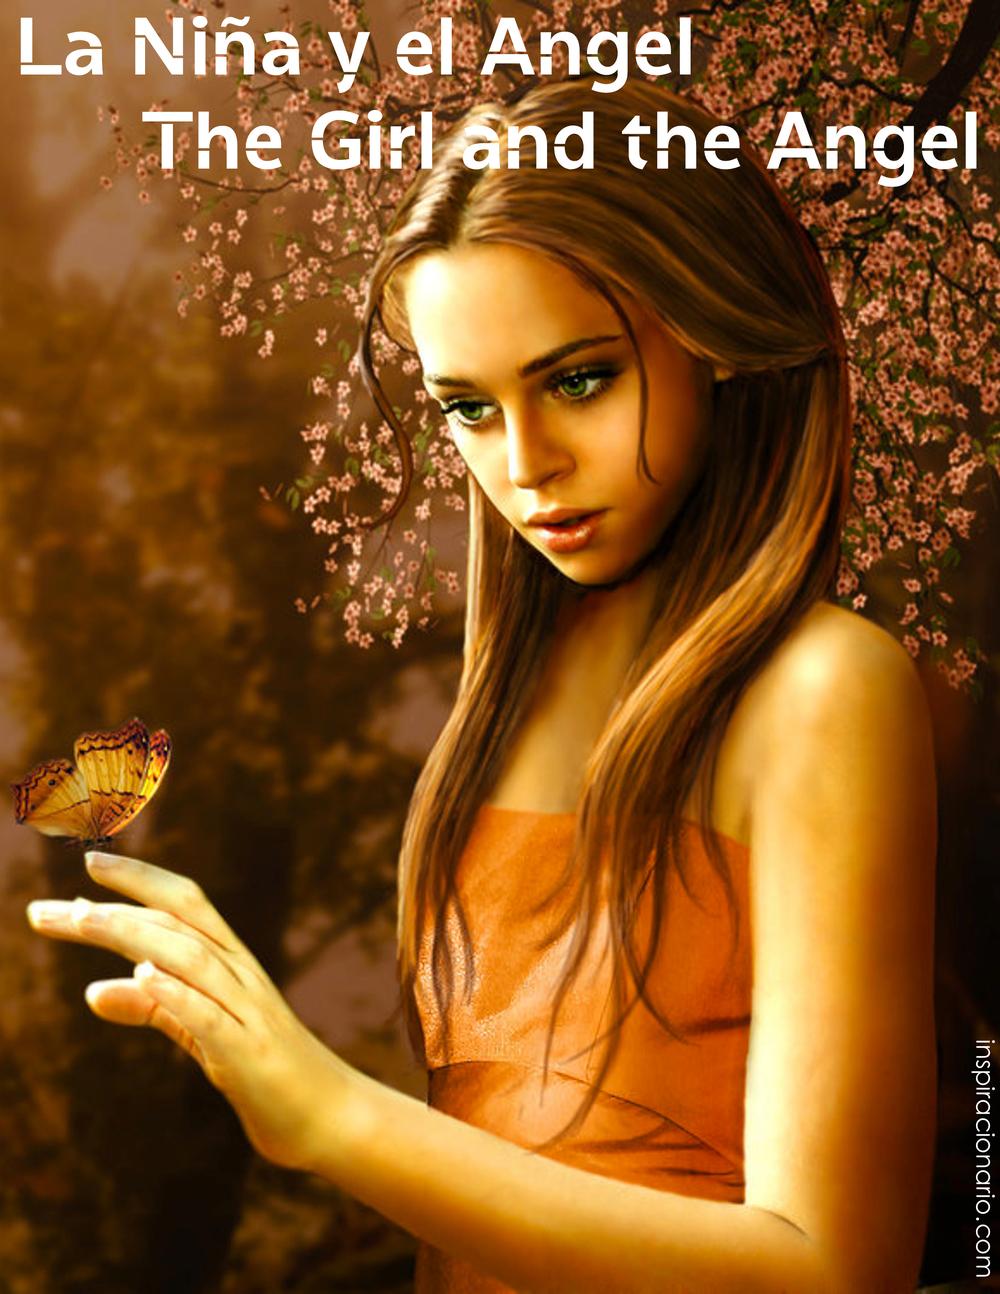 LA NIÑA Y EL ANGEL.jpg